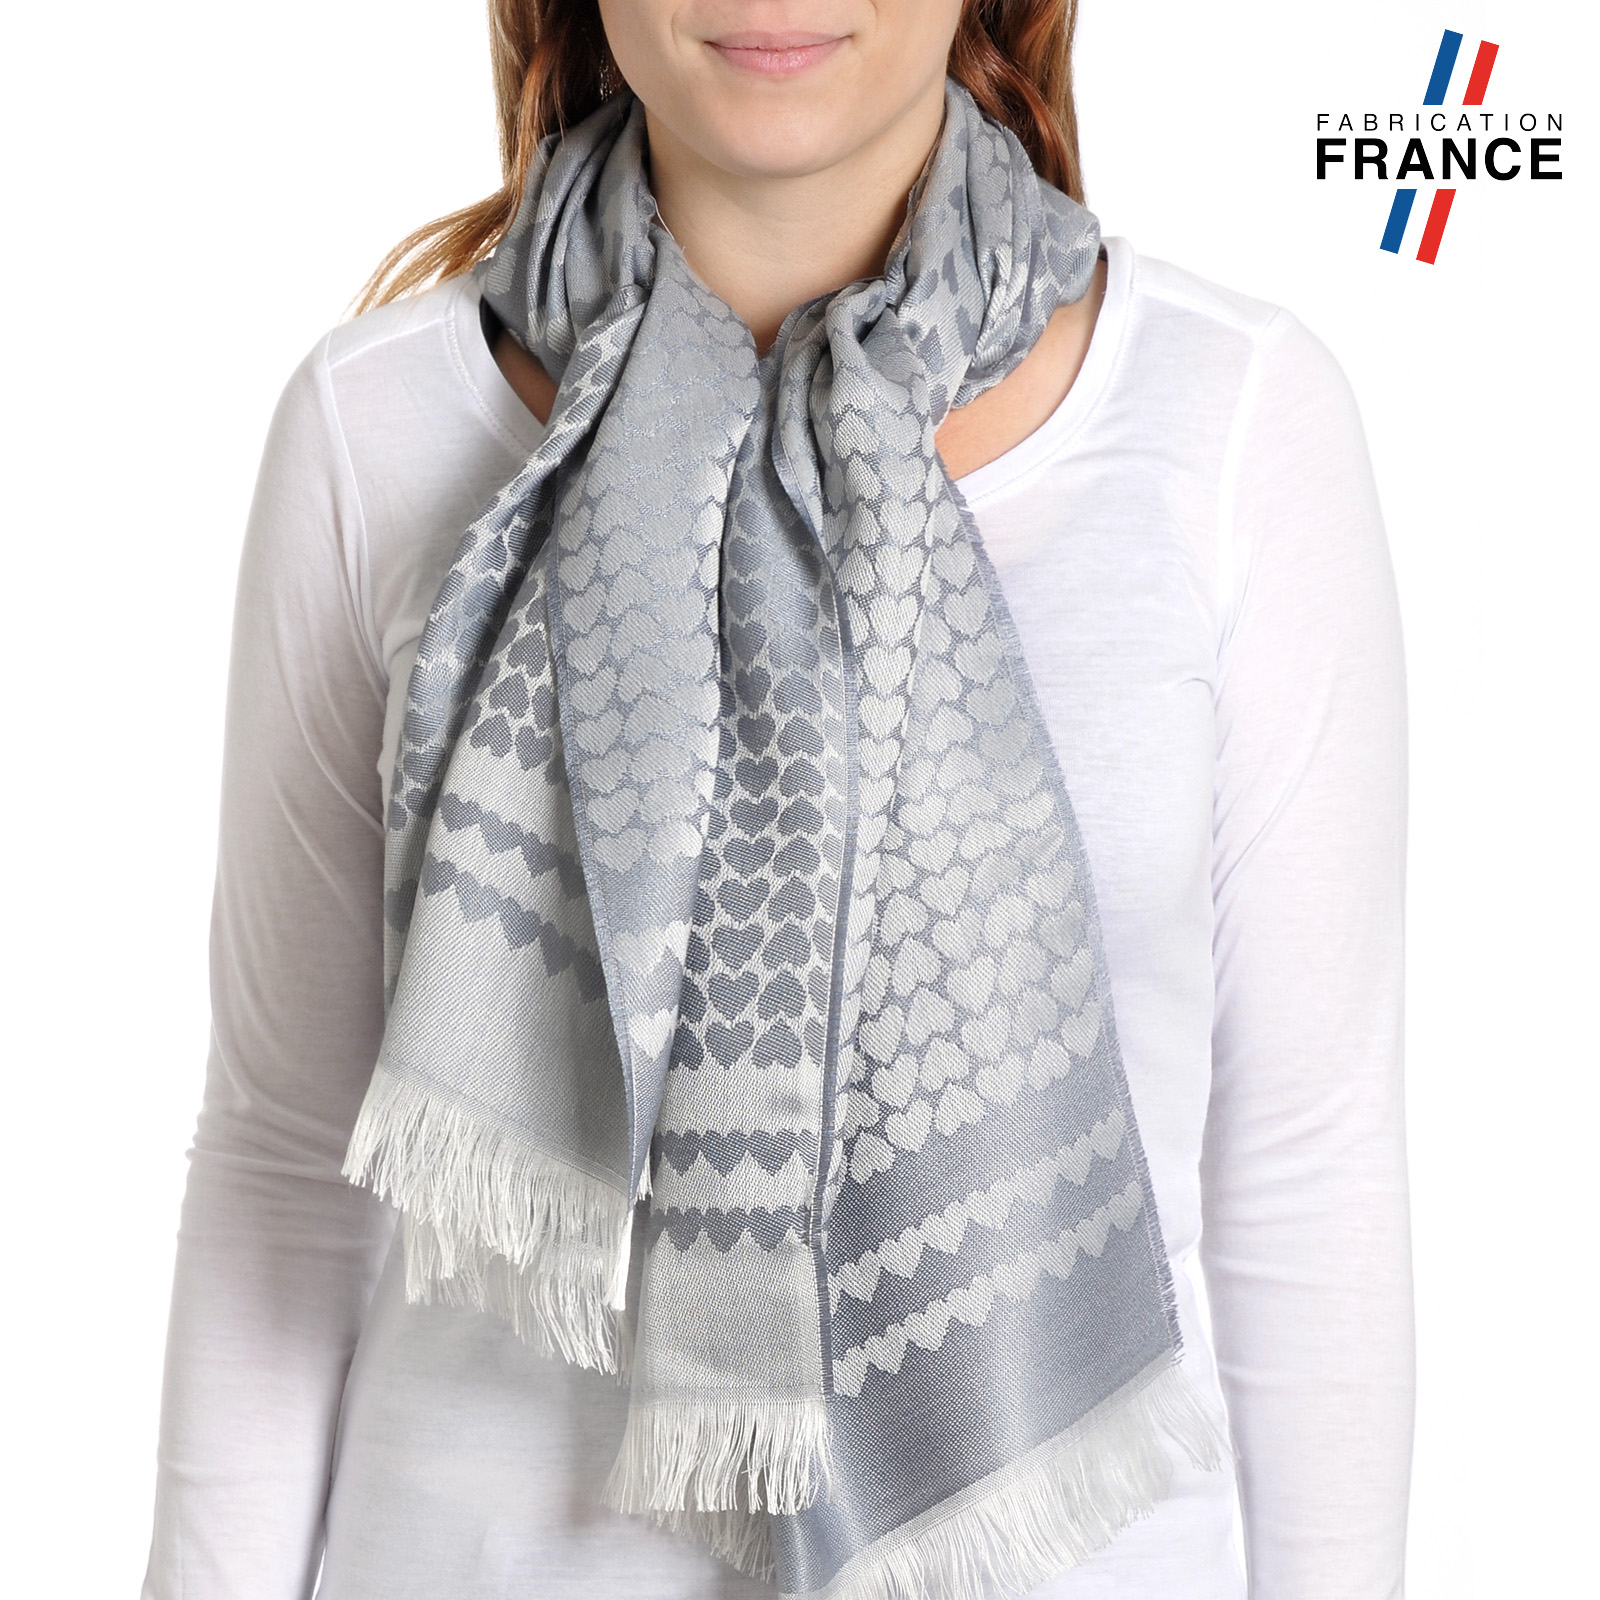 AT-04274-VF16-T-LB_FR-echarpe-femme-grise-coeurs